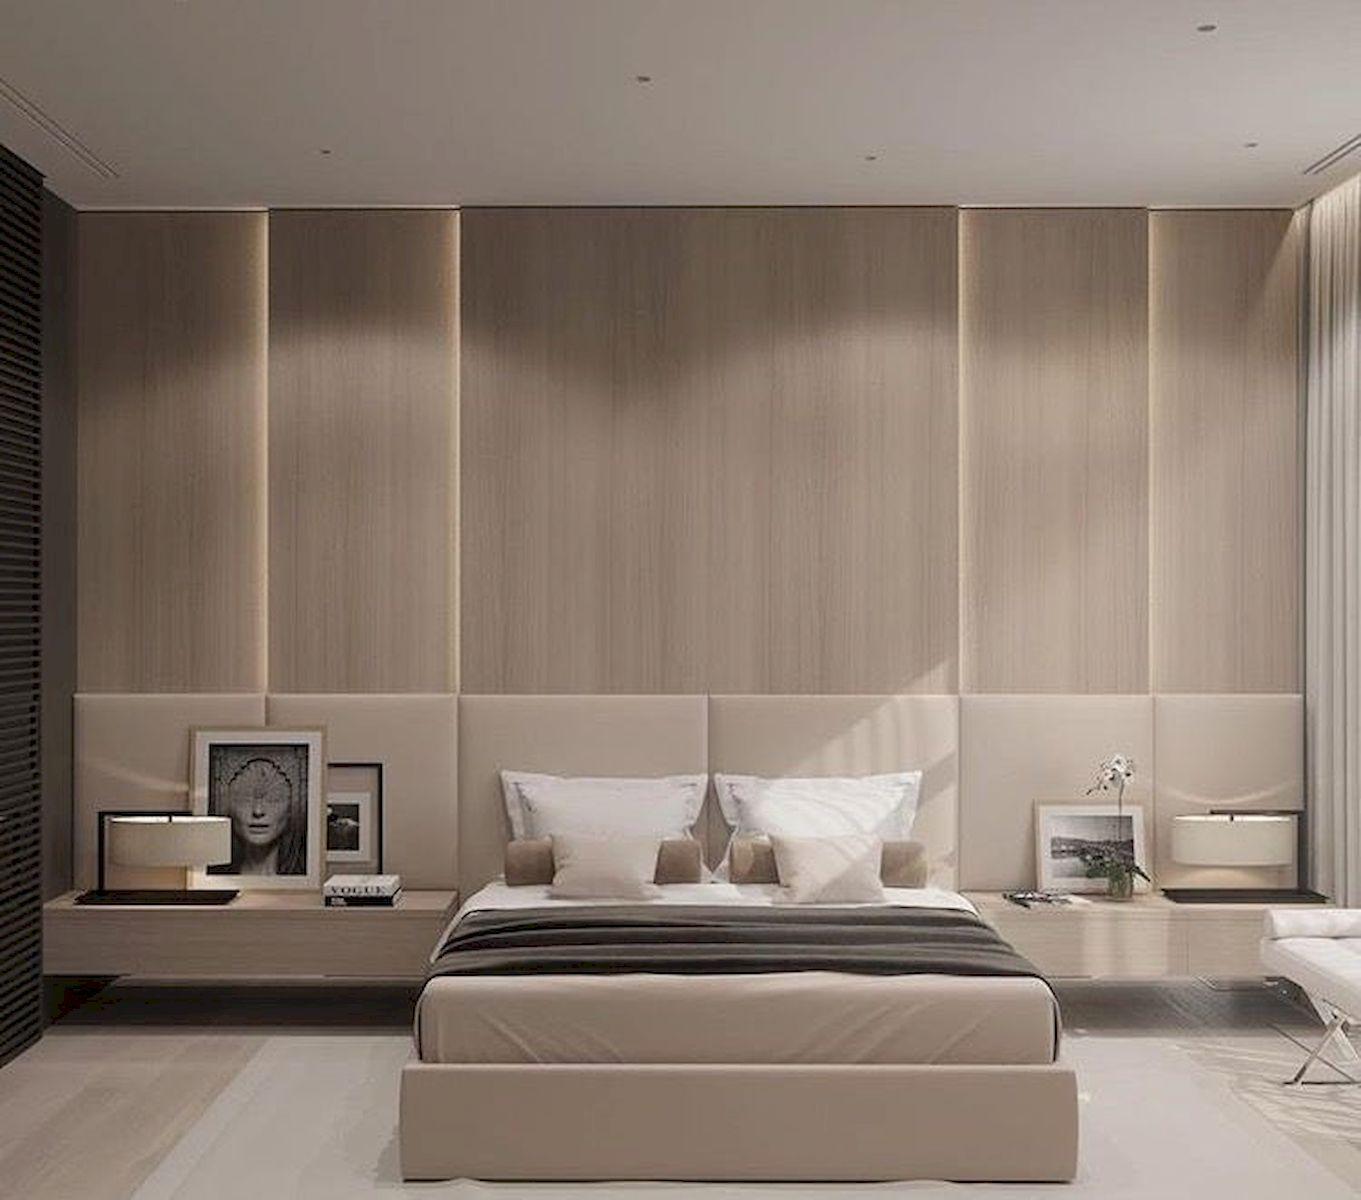 Pin On Bedroom Minimalist modern furniture bedroom